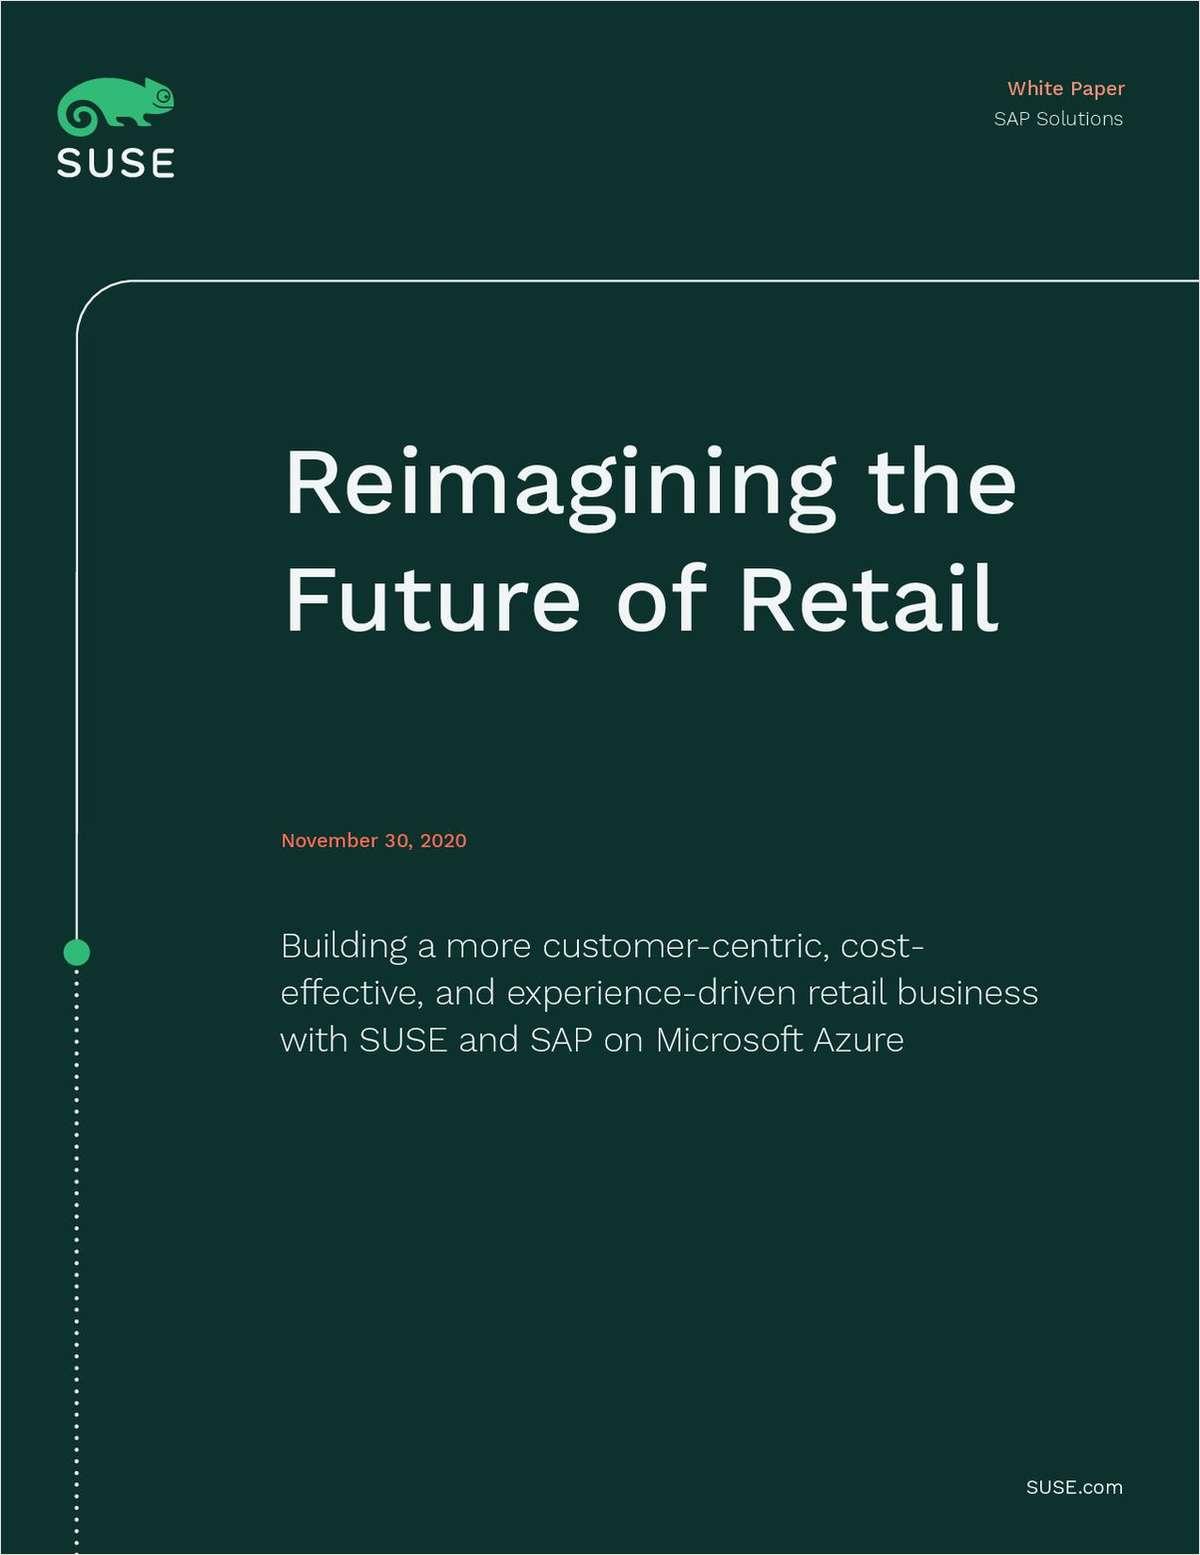 Reimagining the Future of Retail